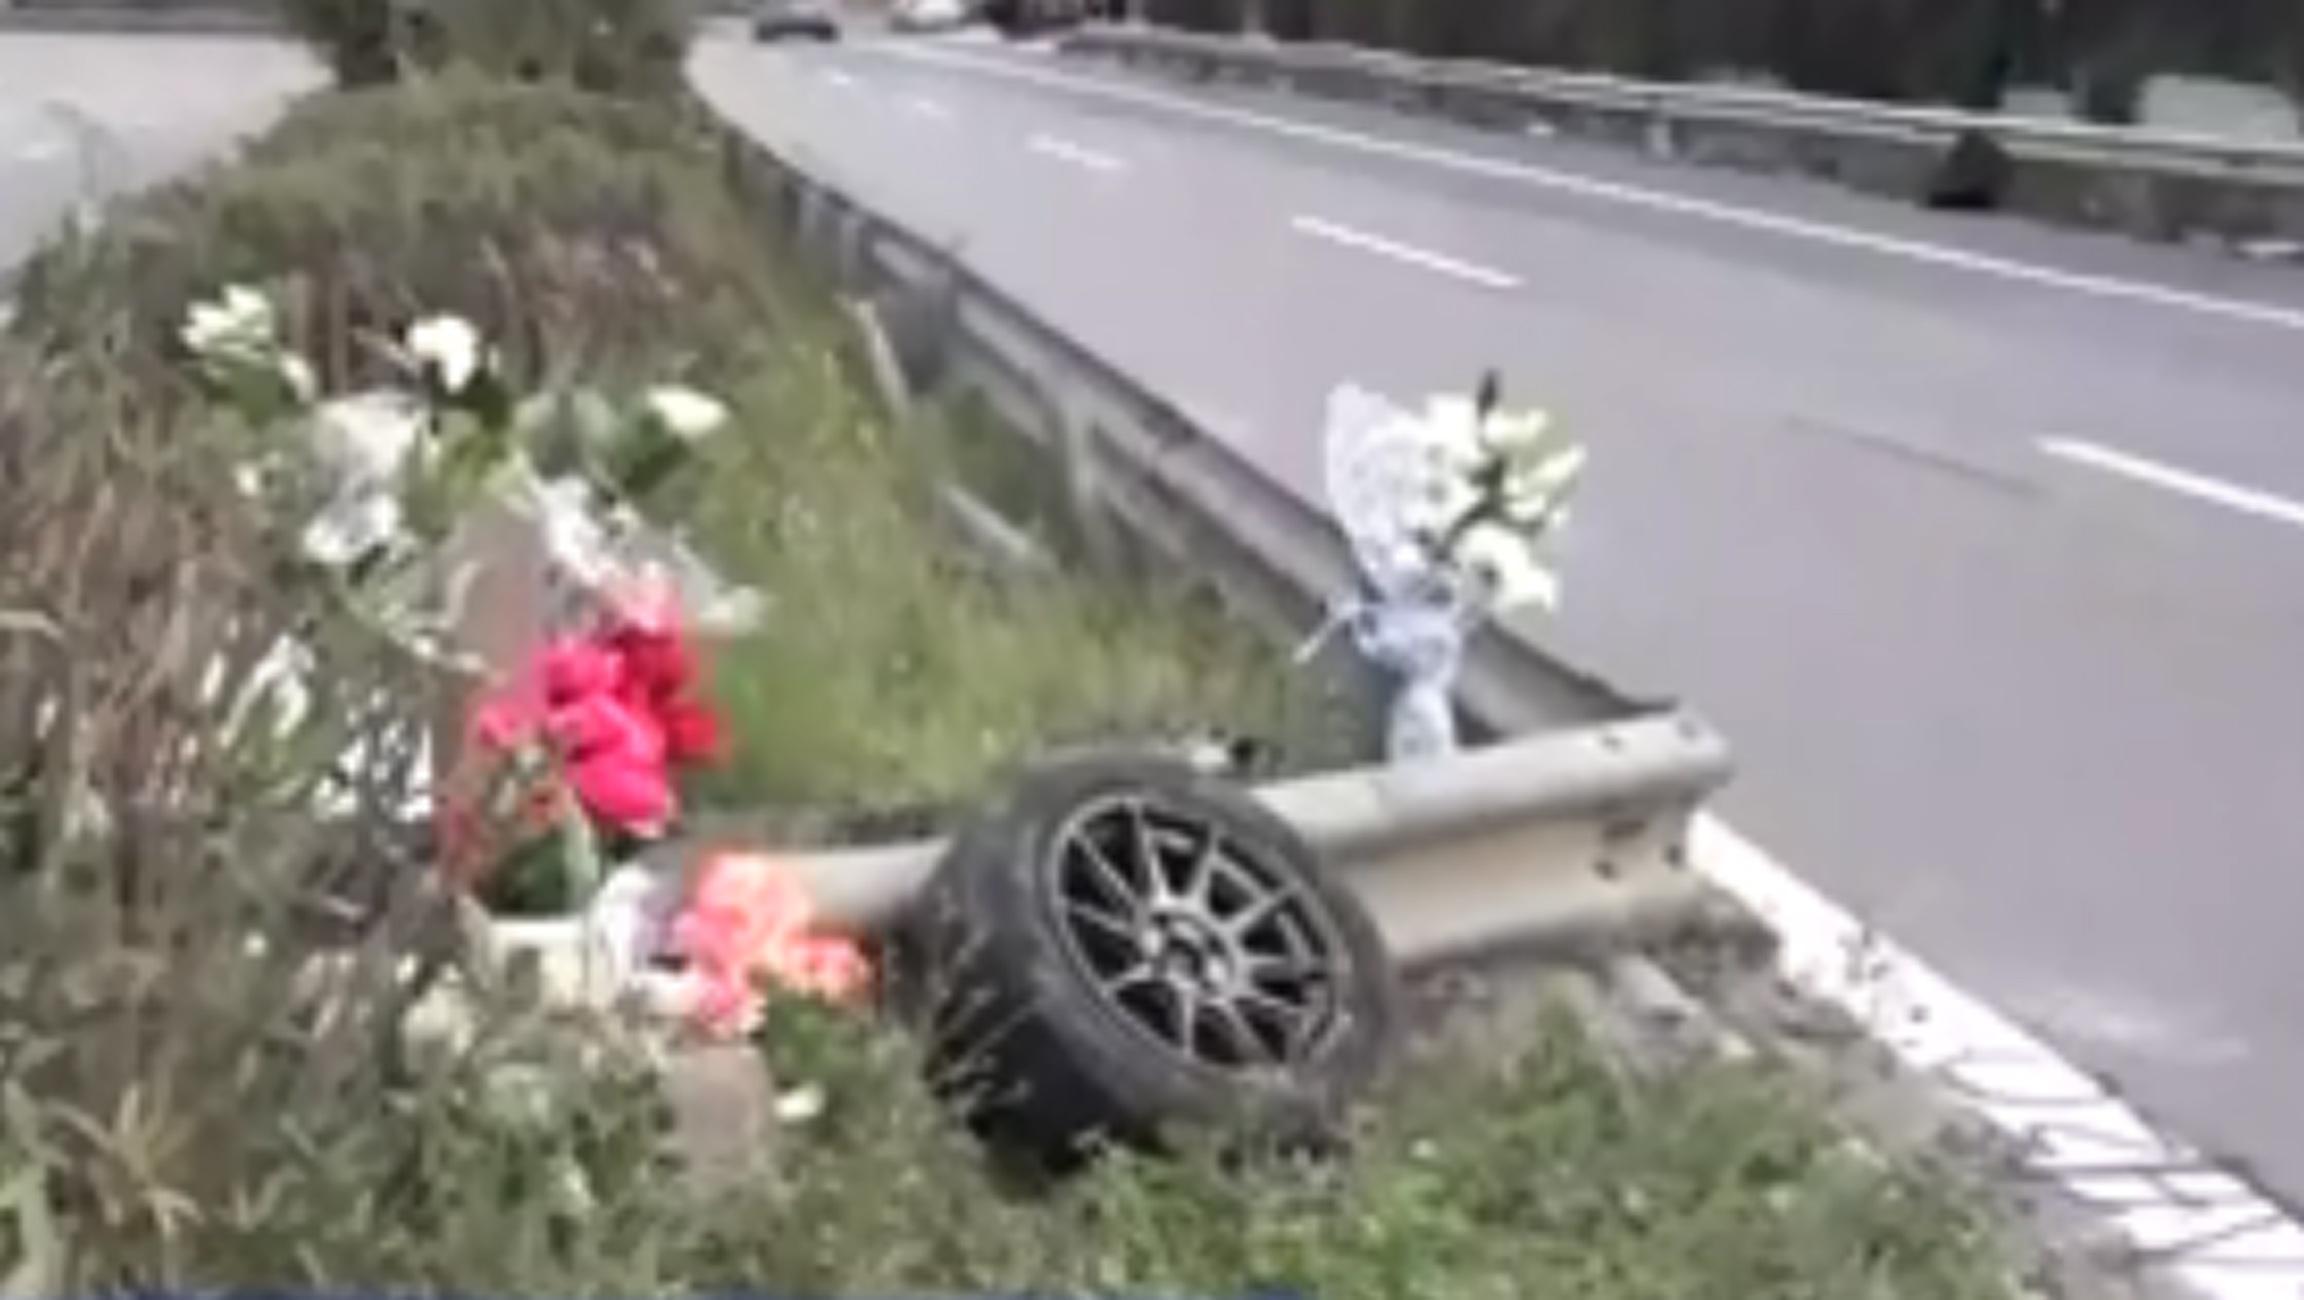 Τραγωδία στο Σχιστό: Πως έγινε το τροχαίο που στοίχισε τη ζωή σε τρία νεαρά άτομα